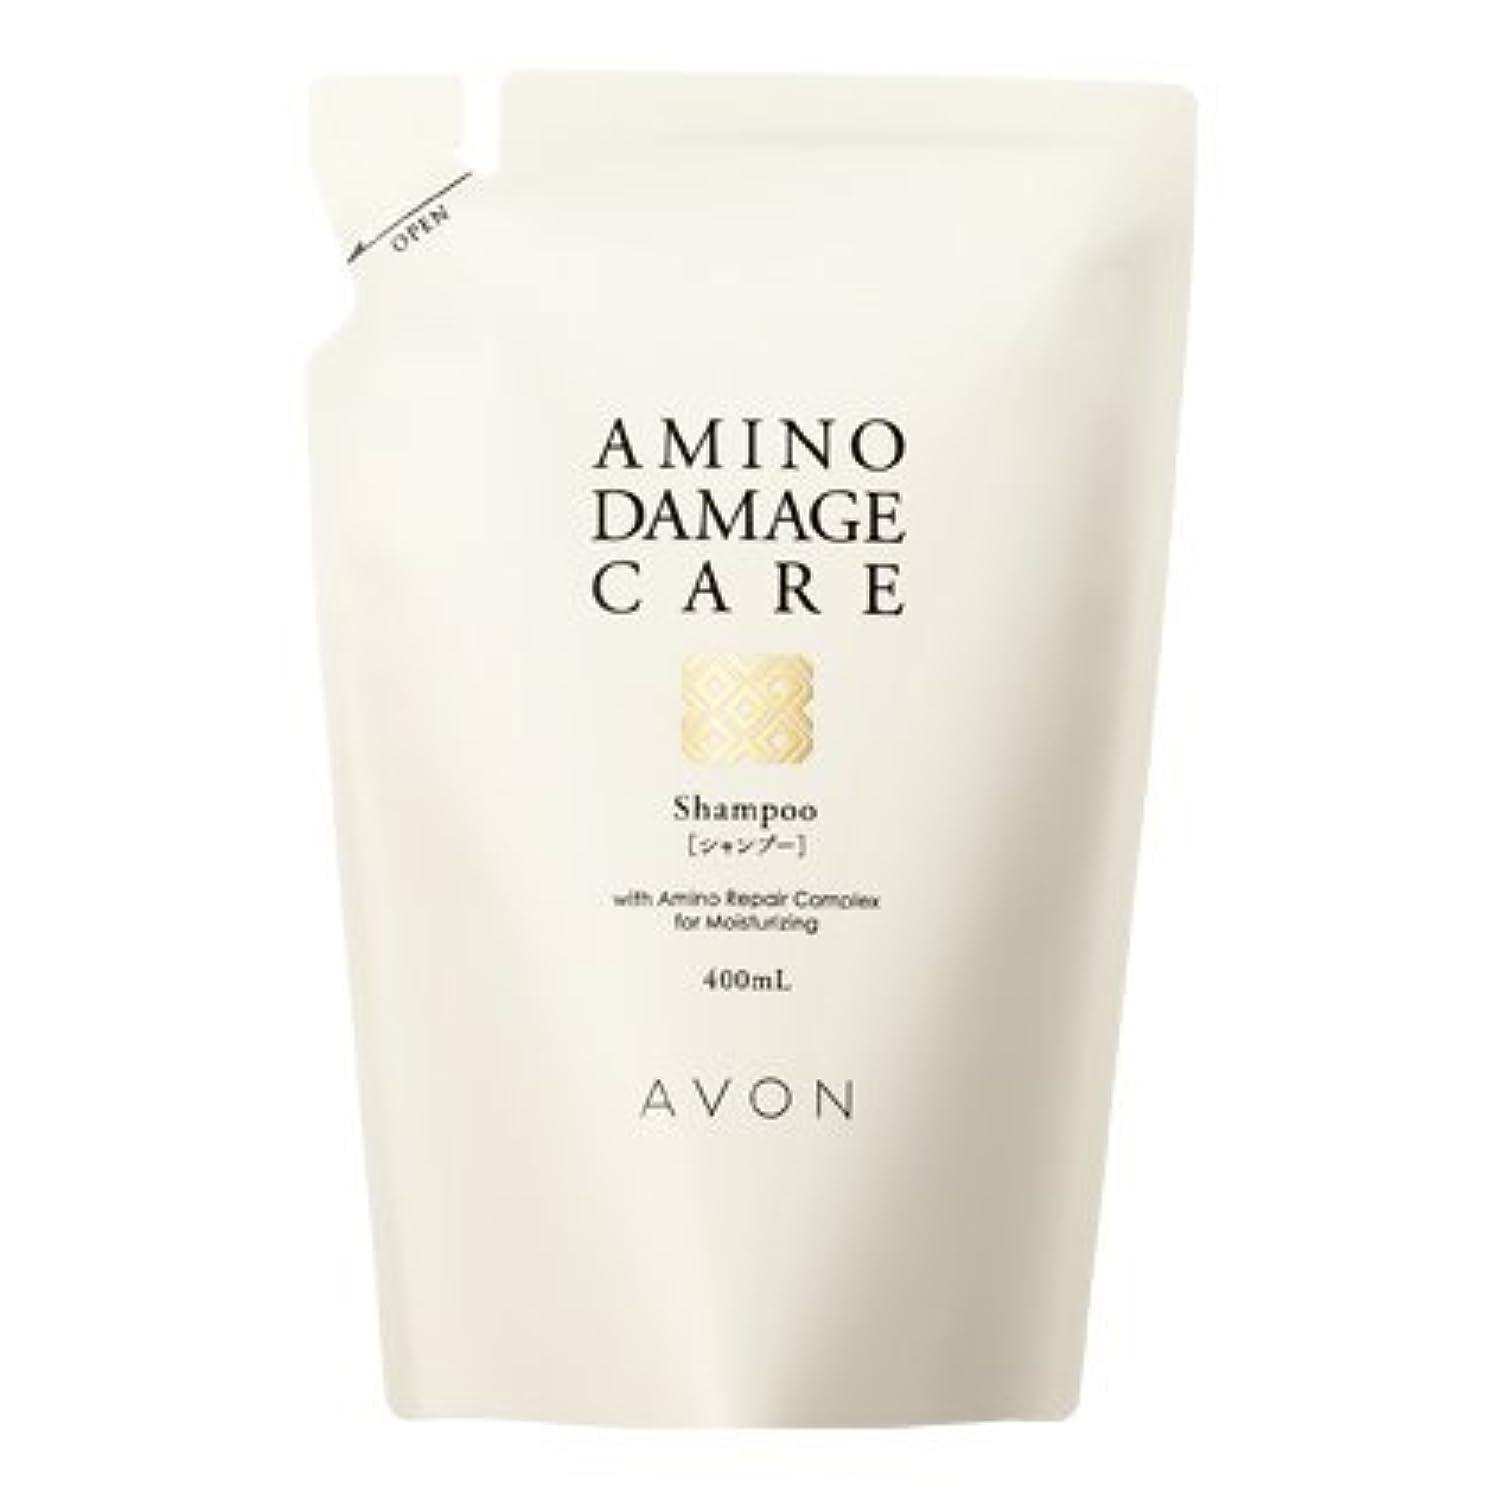 気を散らす簡単に摂動エイボン アミノ ダメージケア シャンプー リフィル 400ml